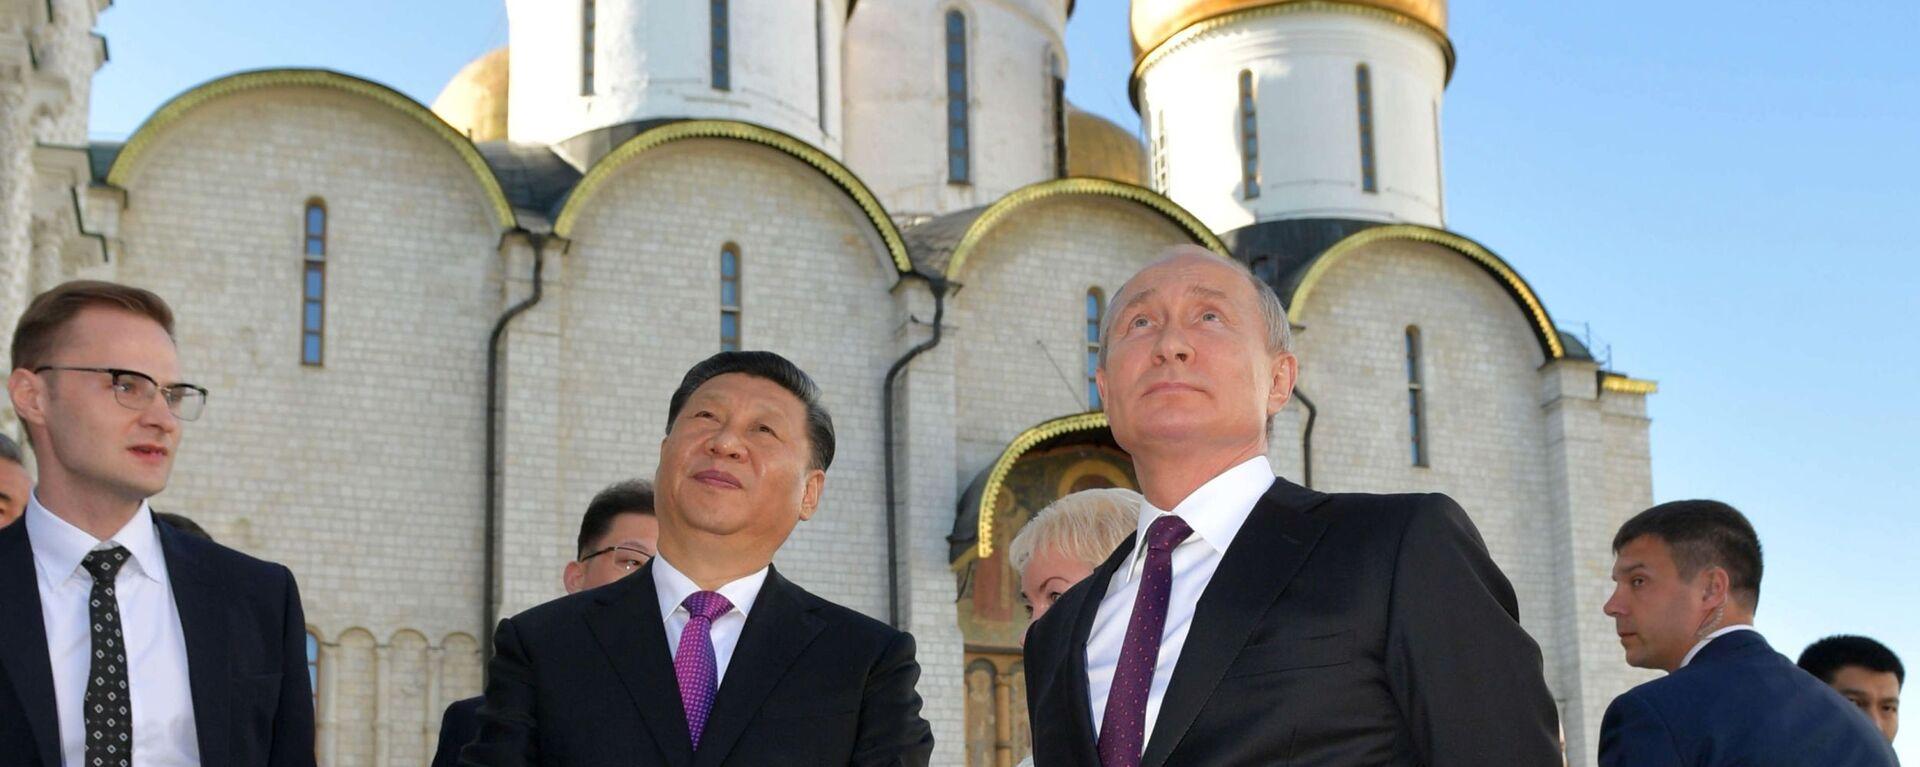 Председатель КНР Си Цзиньпин и президент России Владимир Путин во время экскурсии по Кремлю - Sputnik Латвия, 1920, 29.06.2021